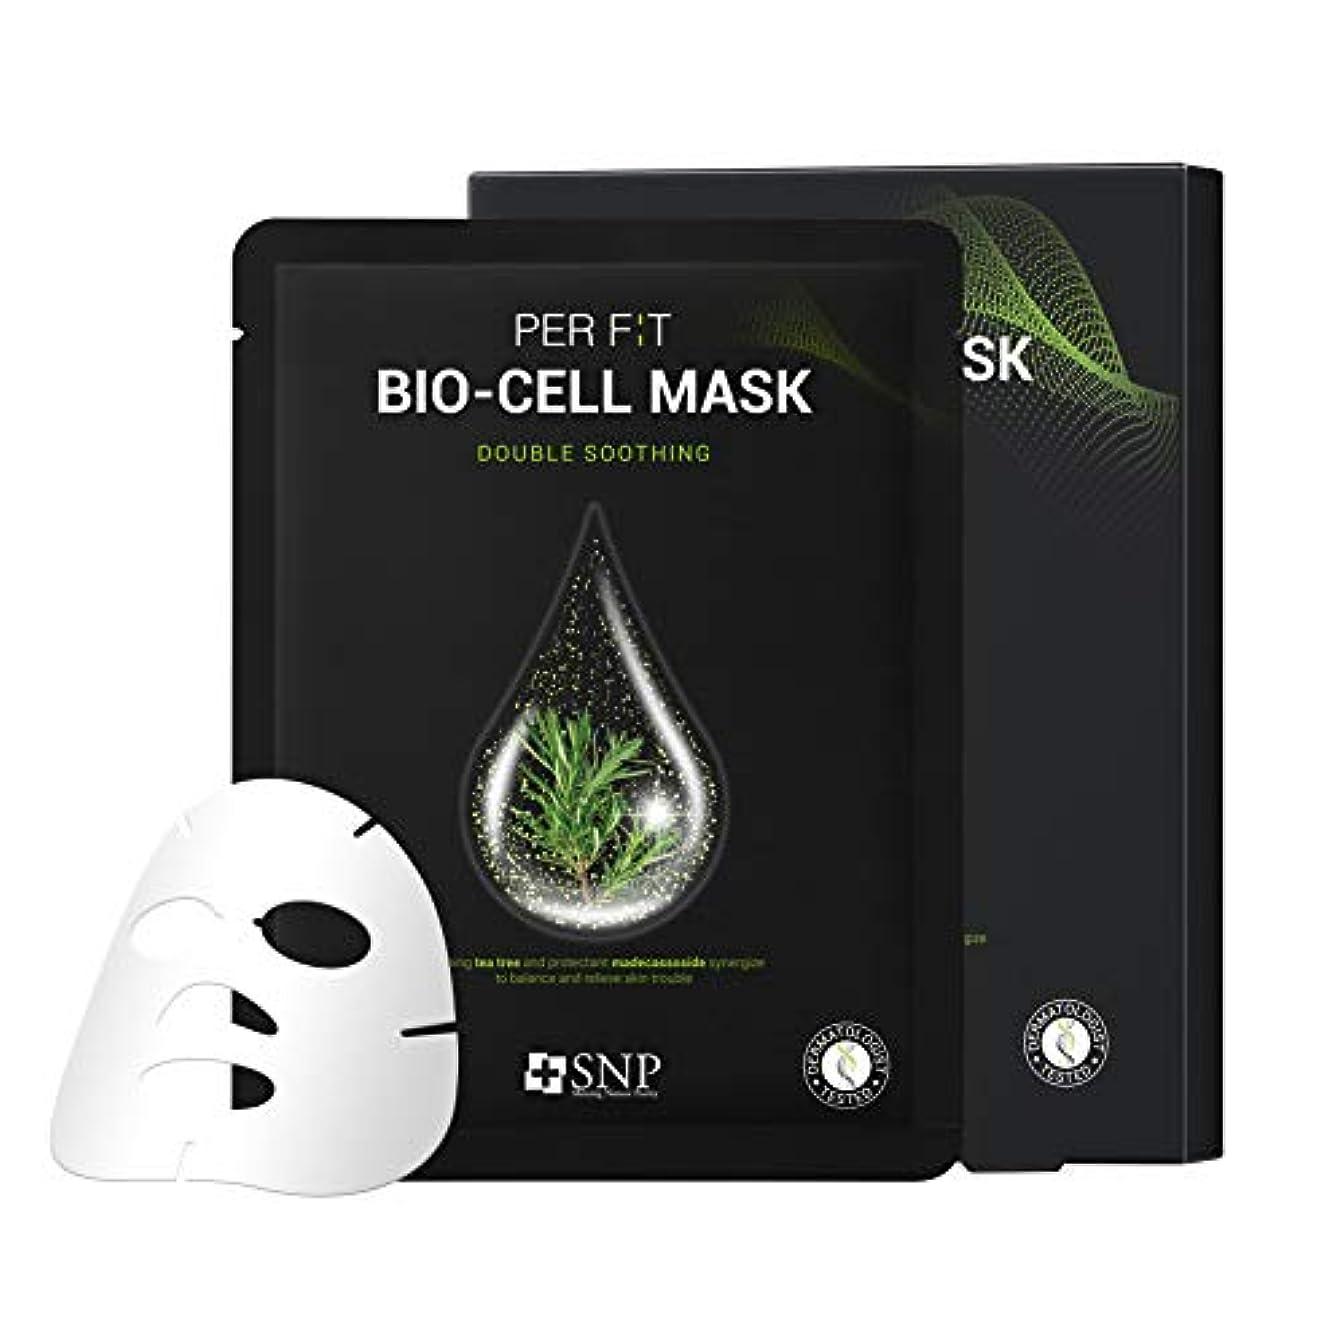 広がり位置する物足りない【SNP公式】 パーフィット バイオセルマスク ダブルスージング 5枚セット / PER F:T BIO-CELL MASK DOUBLE SOOTHING 韓国パック 韓国コスメ パック マスクパック シートマスク